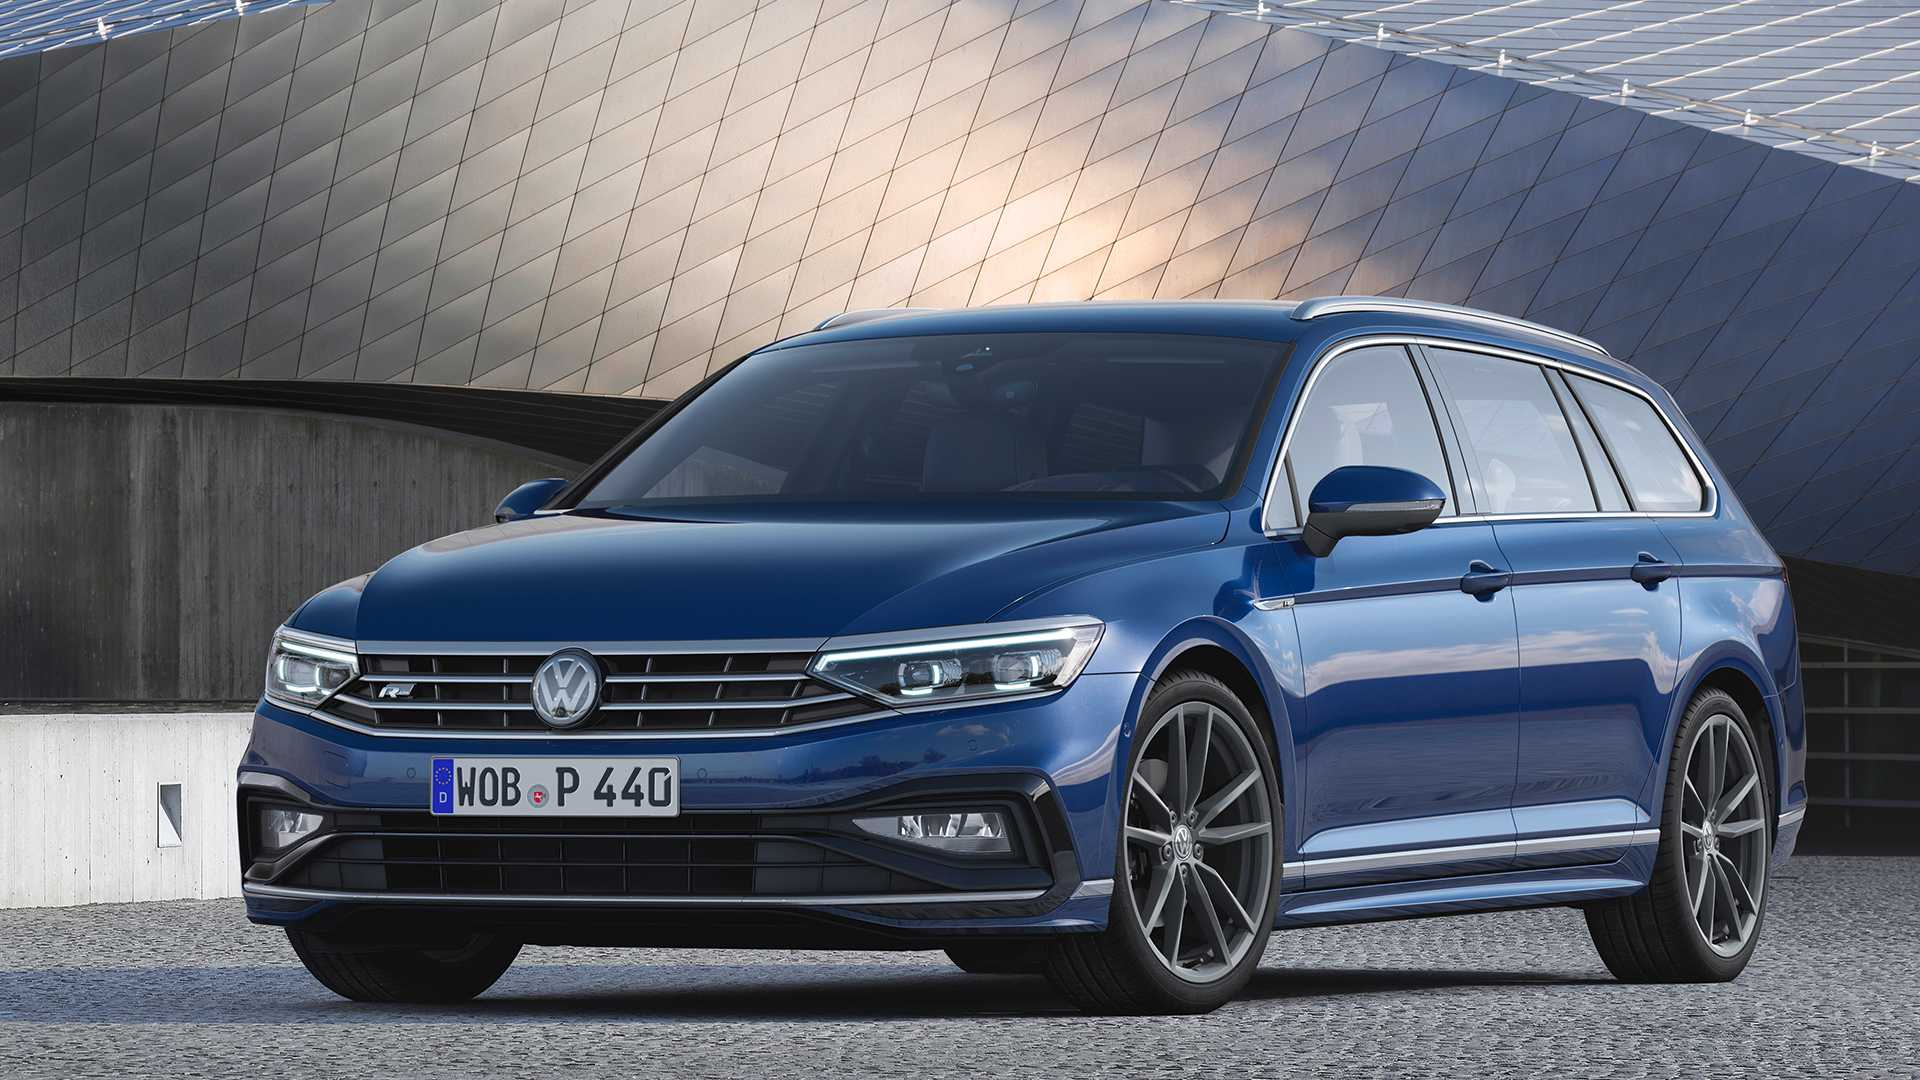 Europe's 2019 VW Passat Shows It All In Walkaround Video